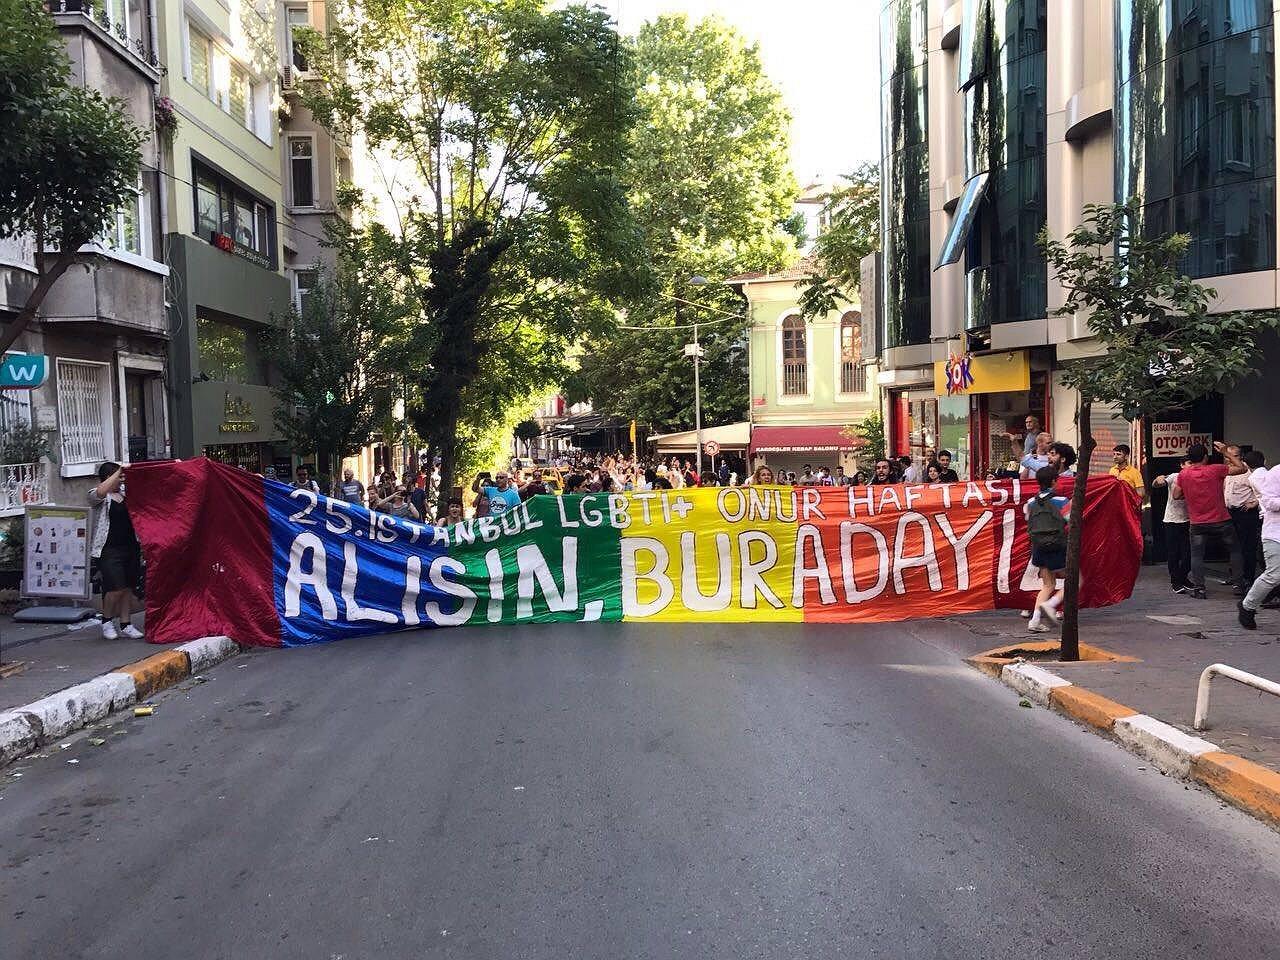 Istanbul Pride uiteengedreven met traangas en rubberkogels